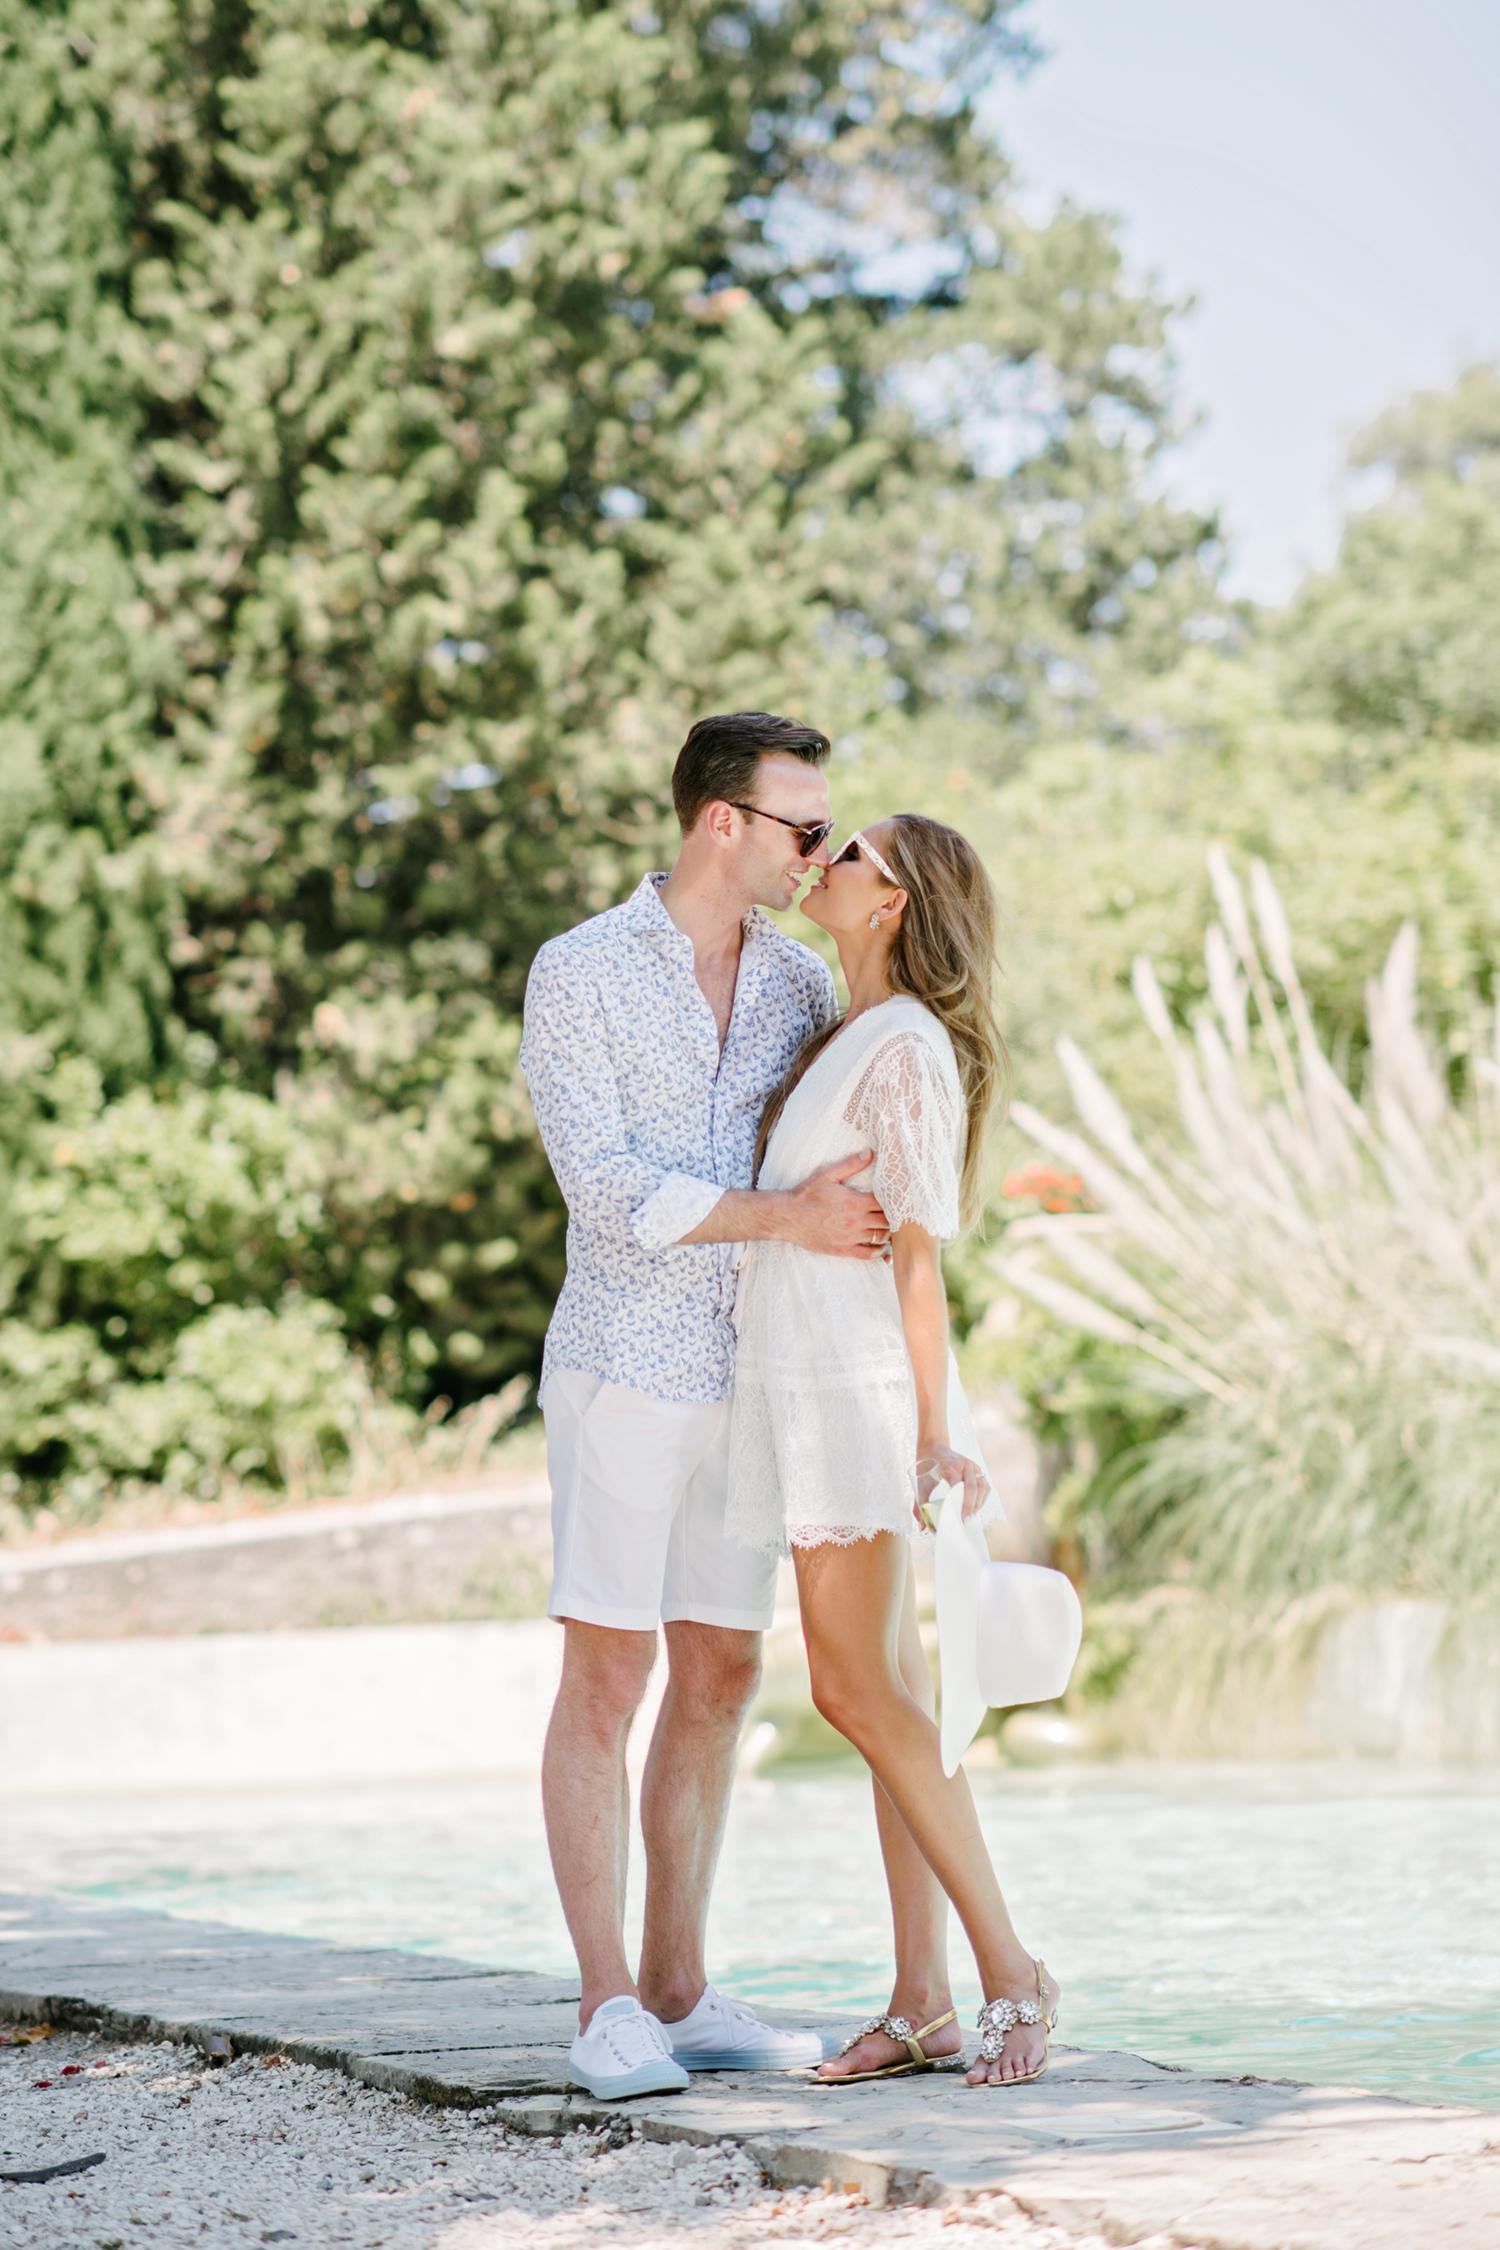 Chateau-Robernier-Wedding-Photography-0009.jpg